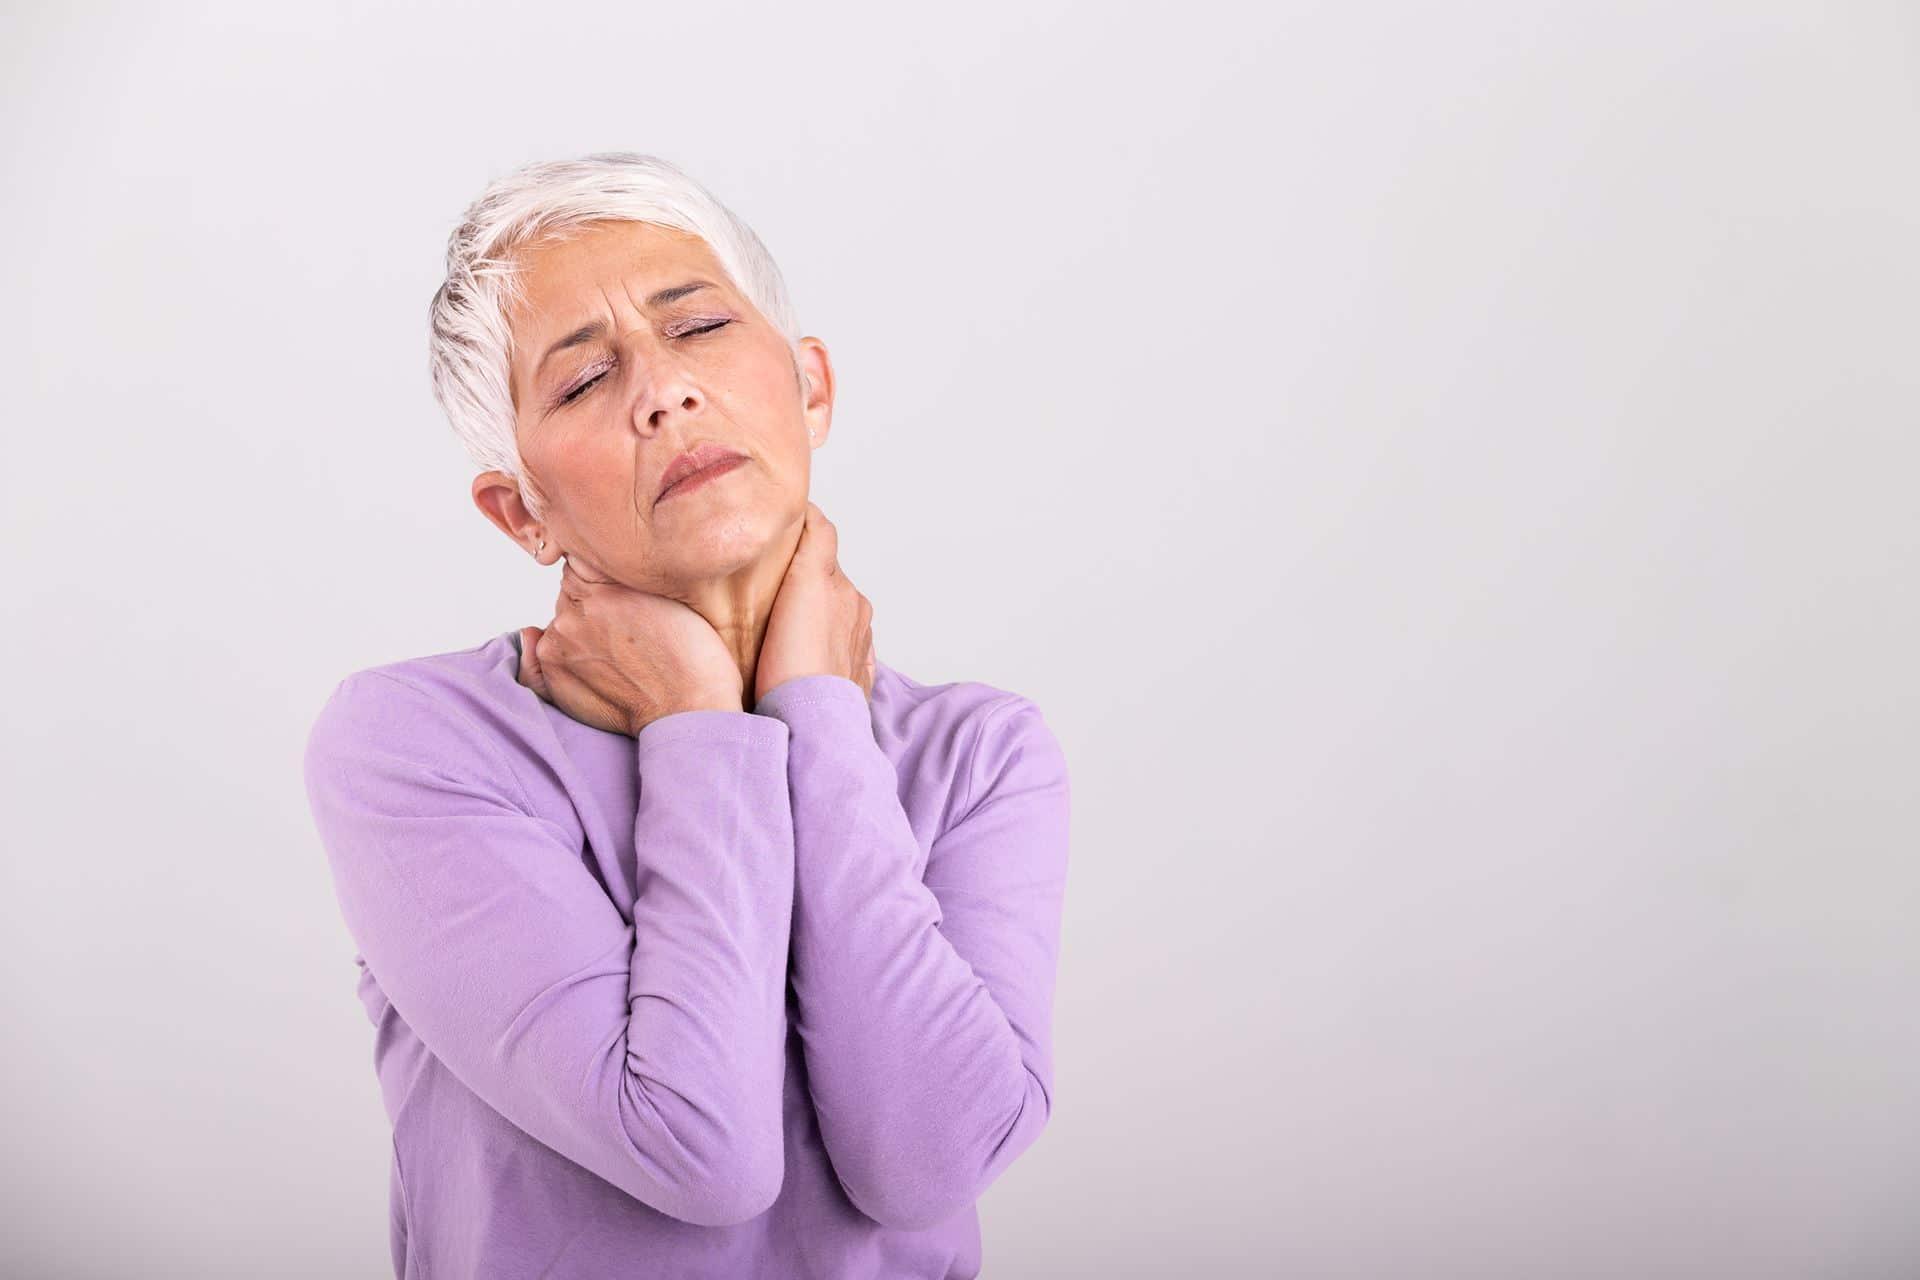 טיפול בפיברומיאלגיה - Restart Therapy שיקום בבית